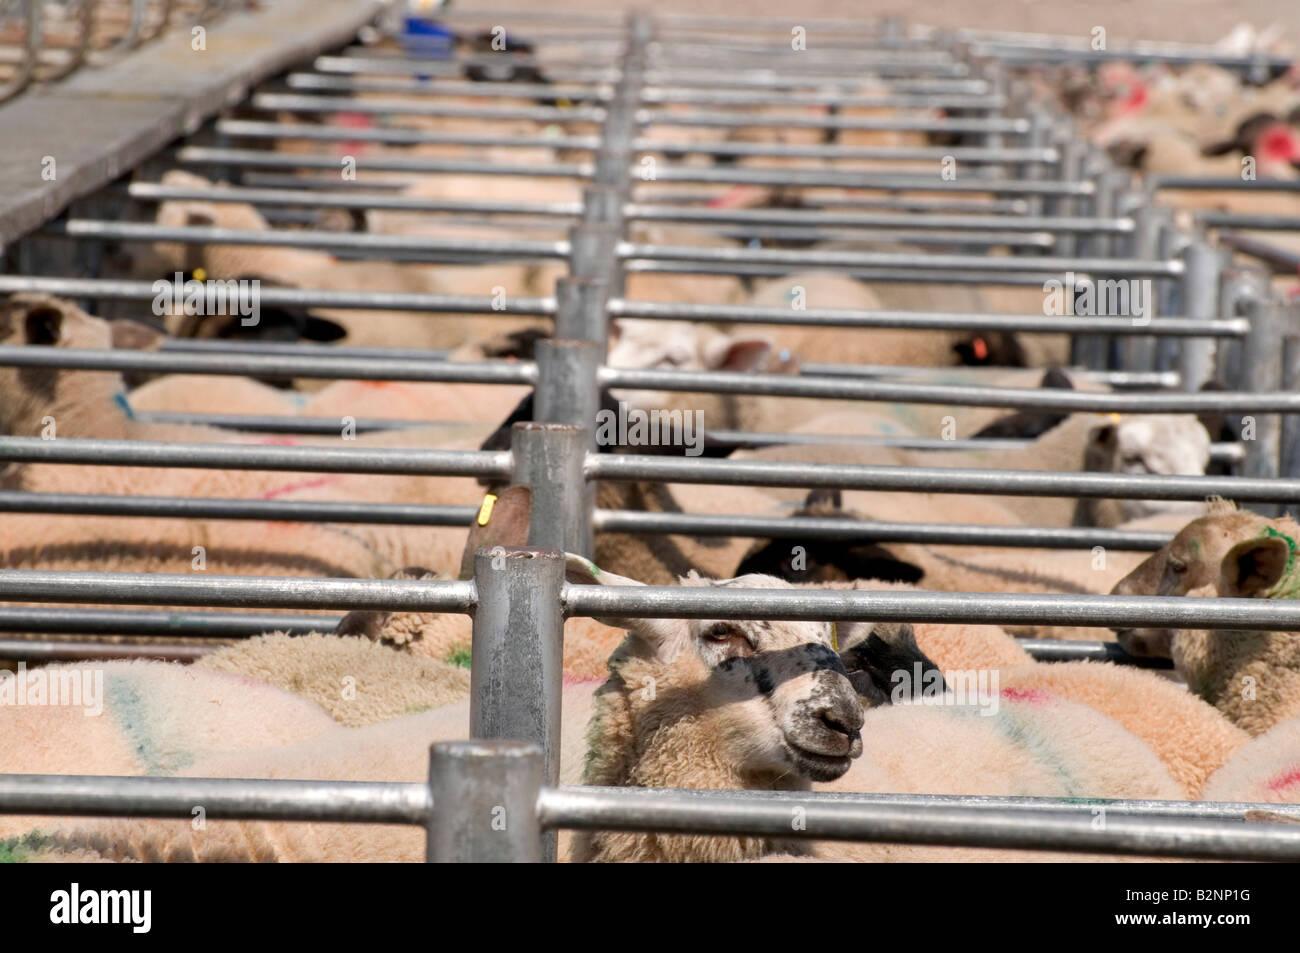 Hereford - Mercado de ganado ovino en espera de venta Foto de stock